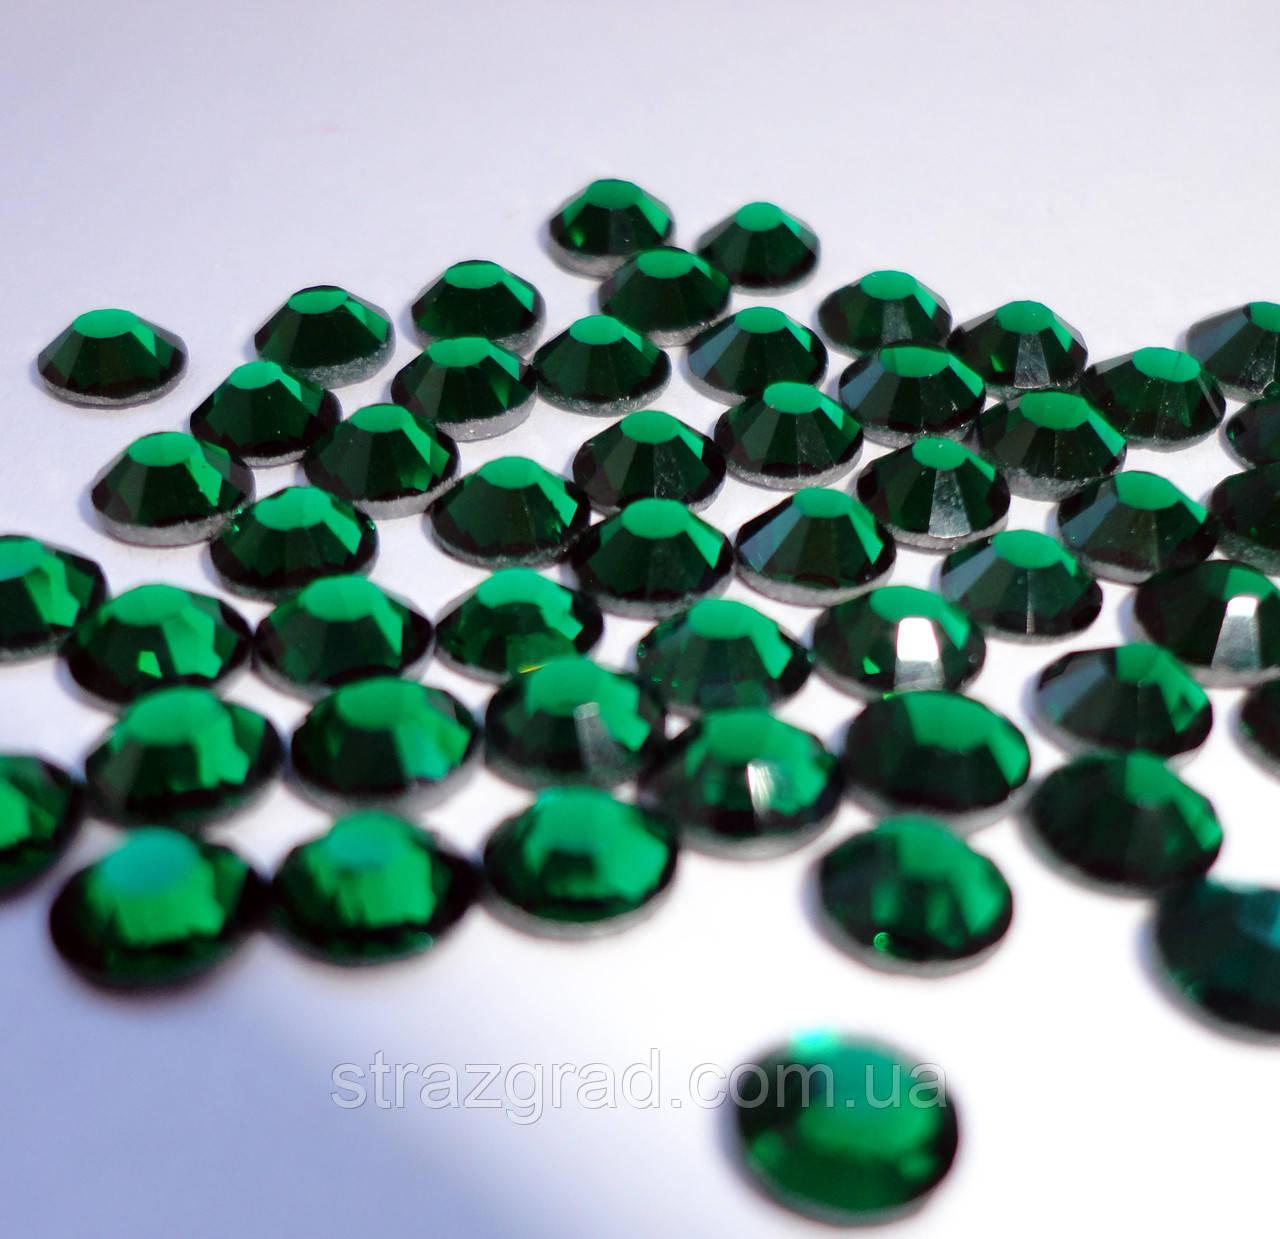 Стразы DMC Emerald  SS 20 Hot Fix 1440 шт.